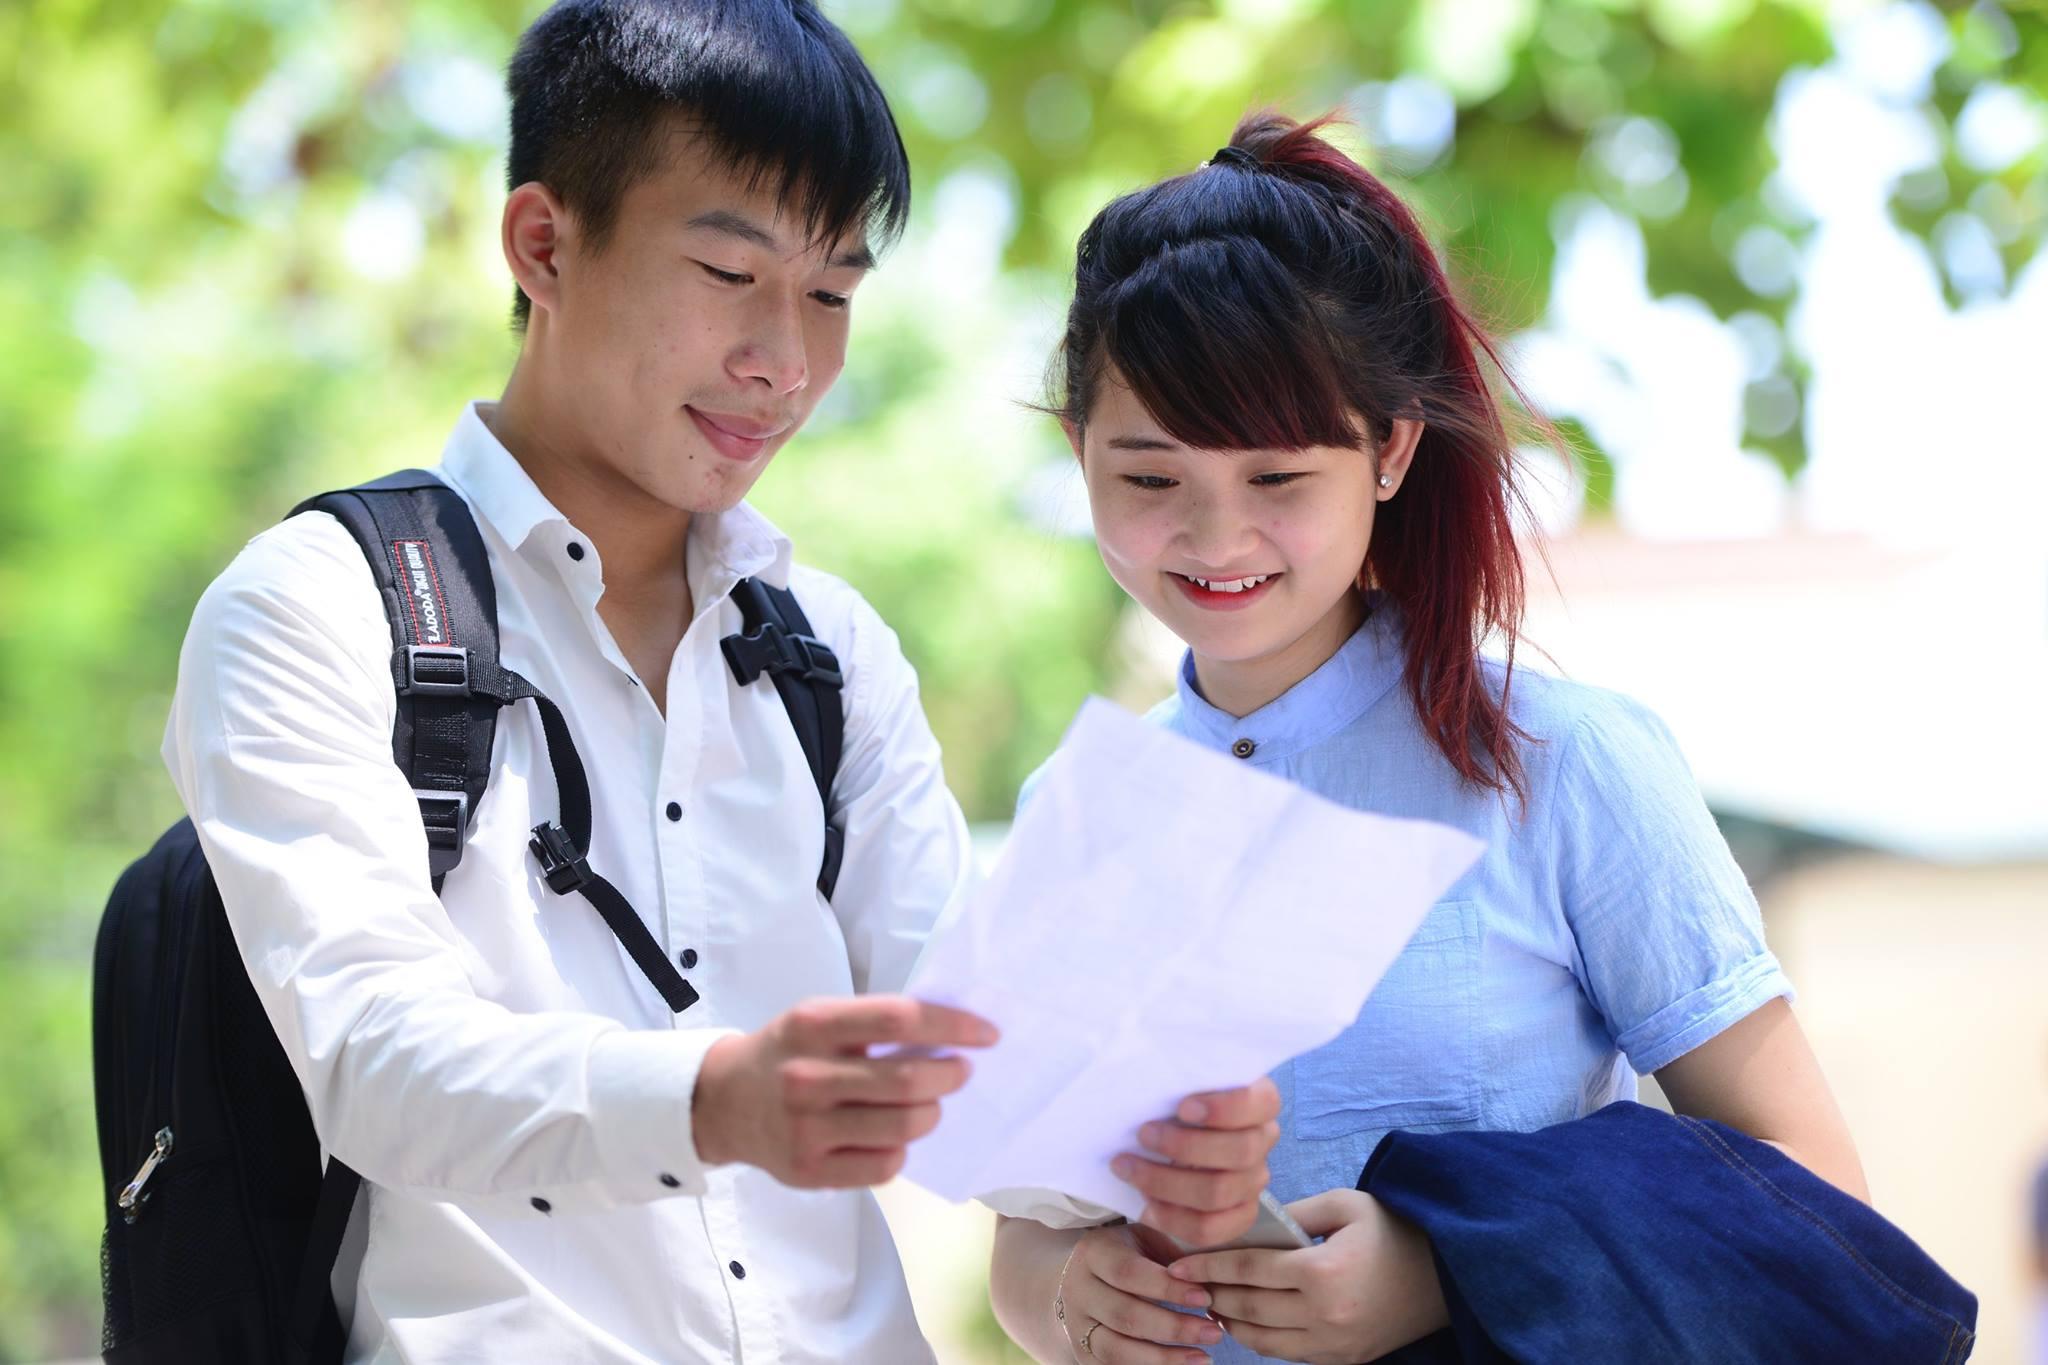 Thí sinh không trúng tuyển Đại học đợt 1 được tham gia xét tuyển bổ sung